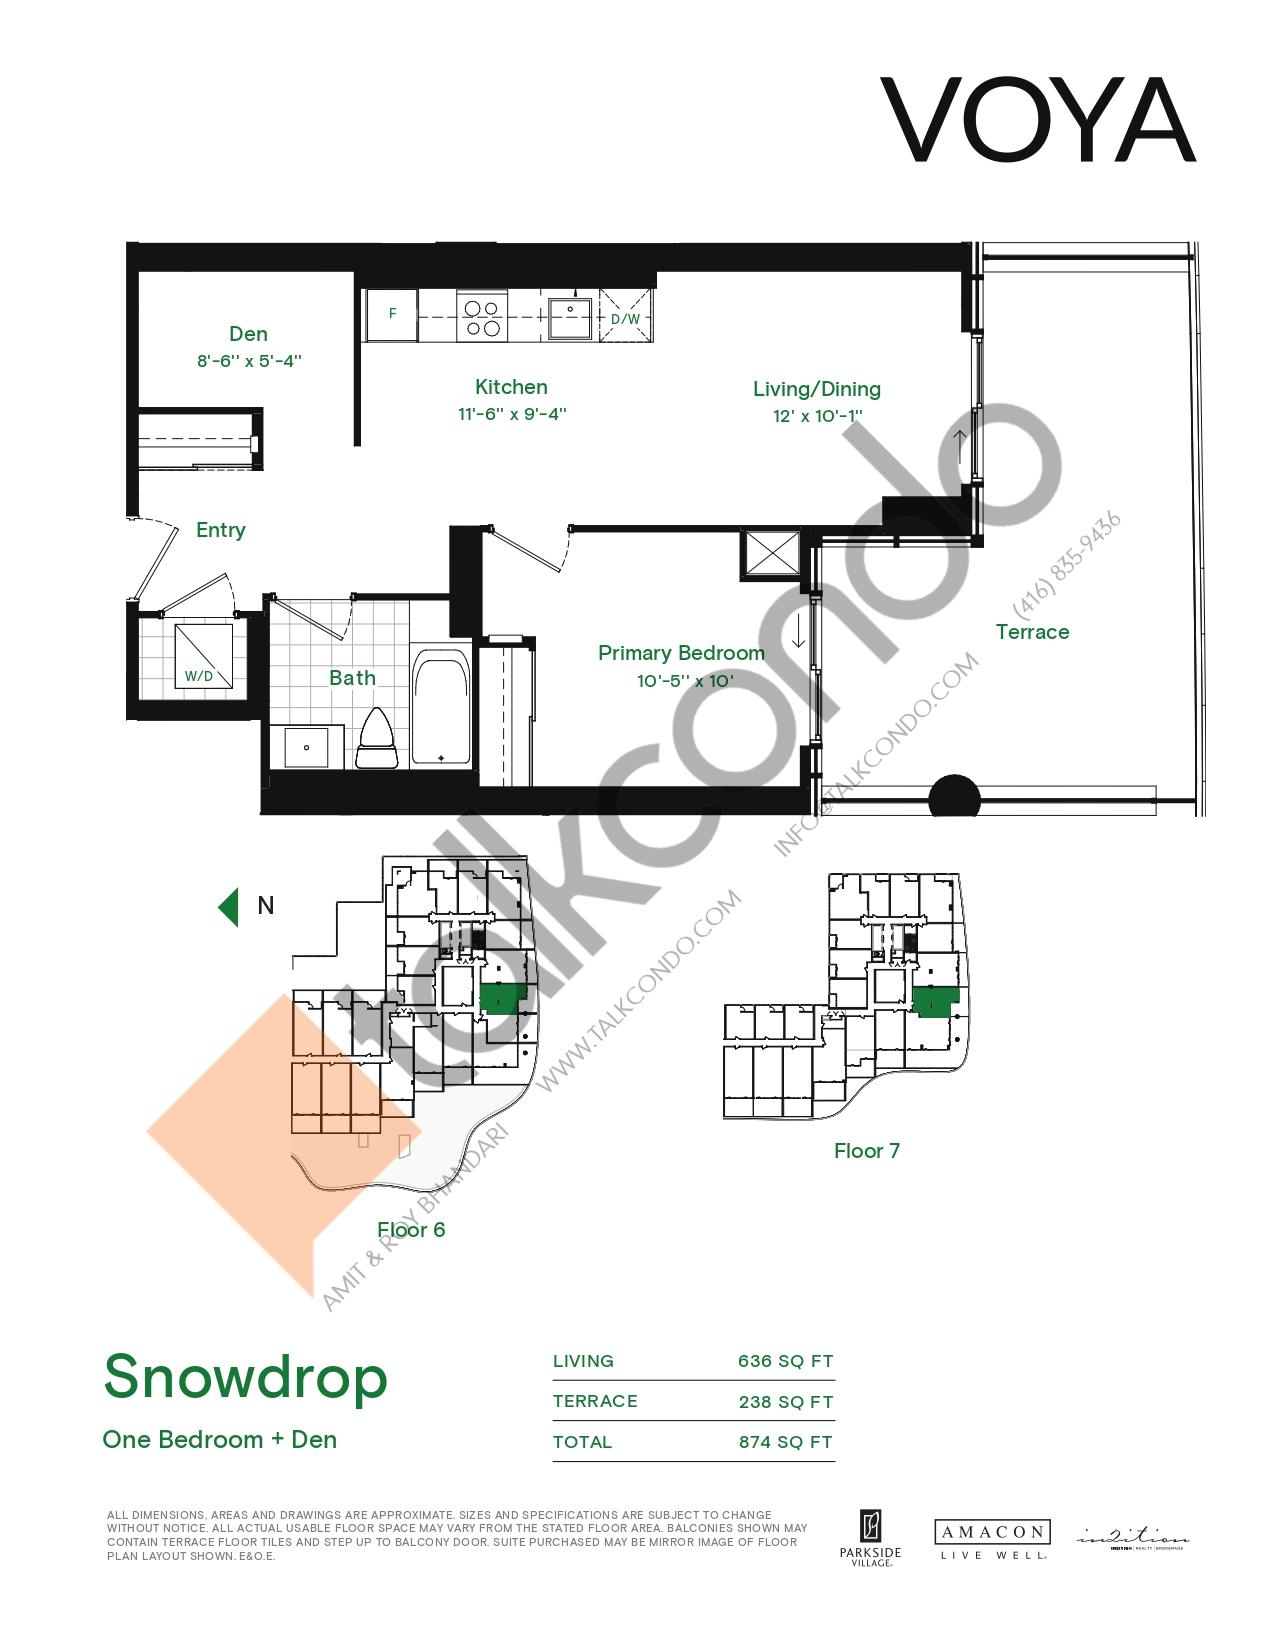 Snowdrop (Podium) Floor Plan at Voya at Parkside Village Condos - 636 sq.ft